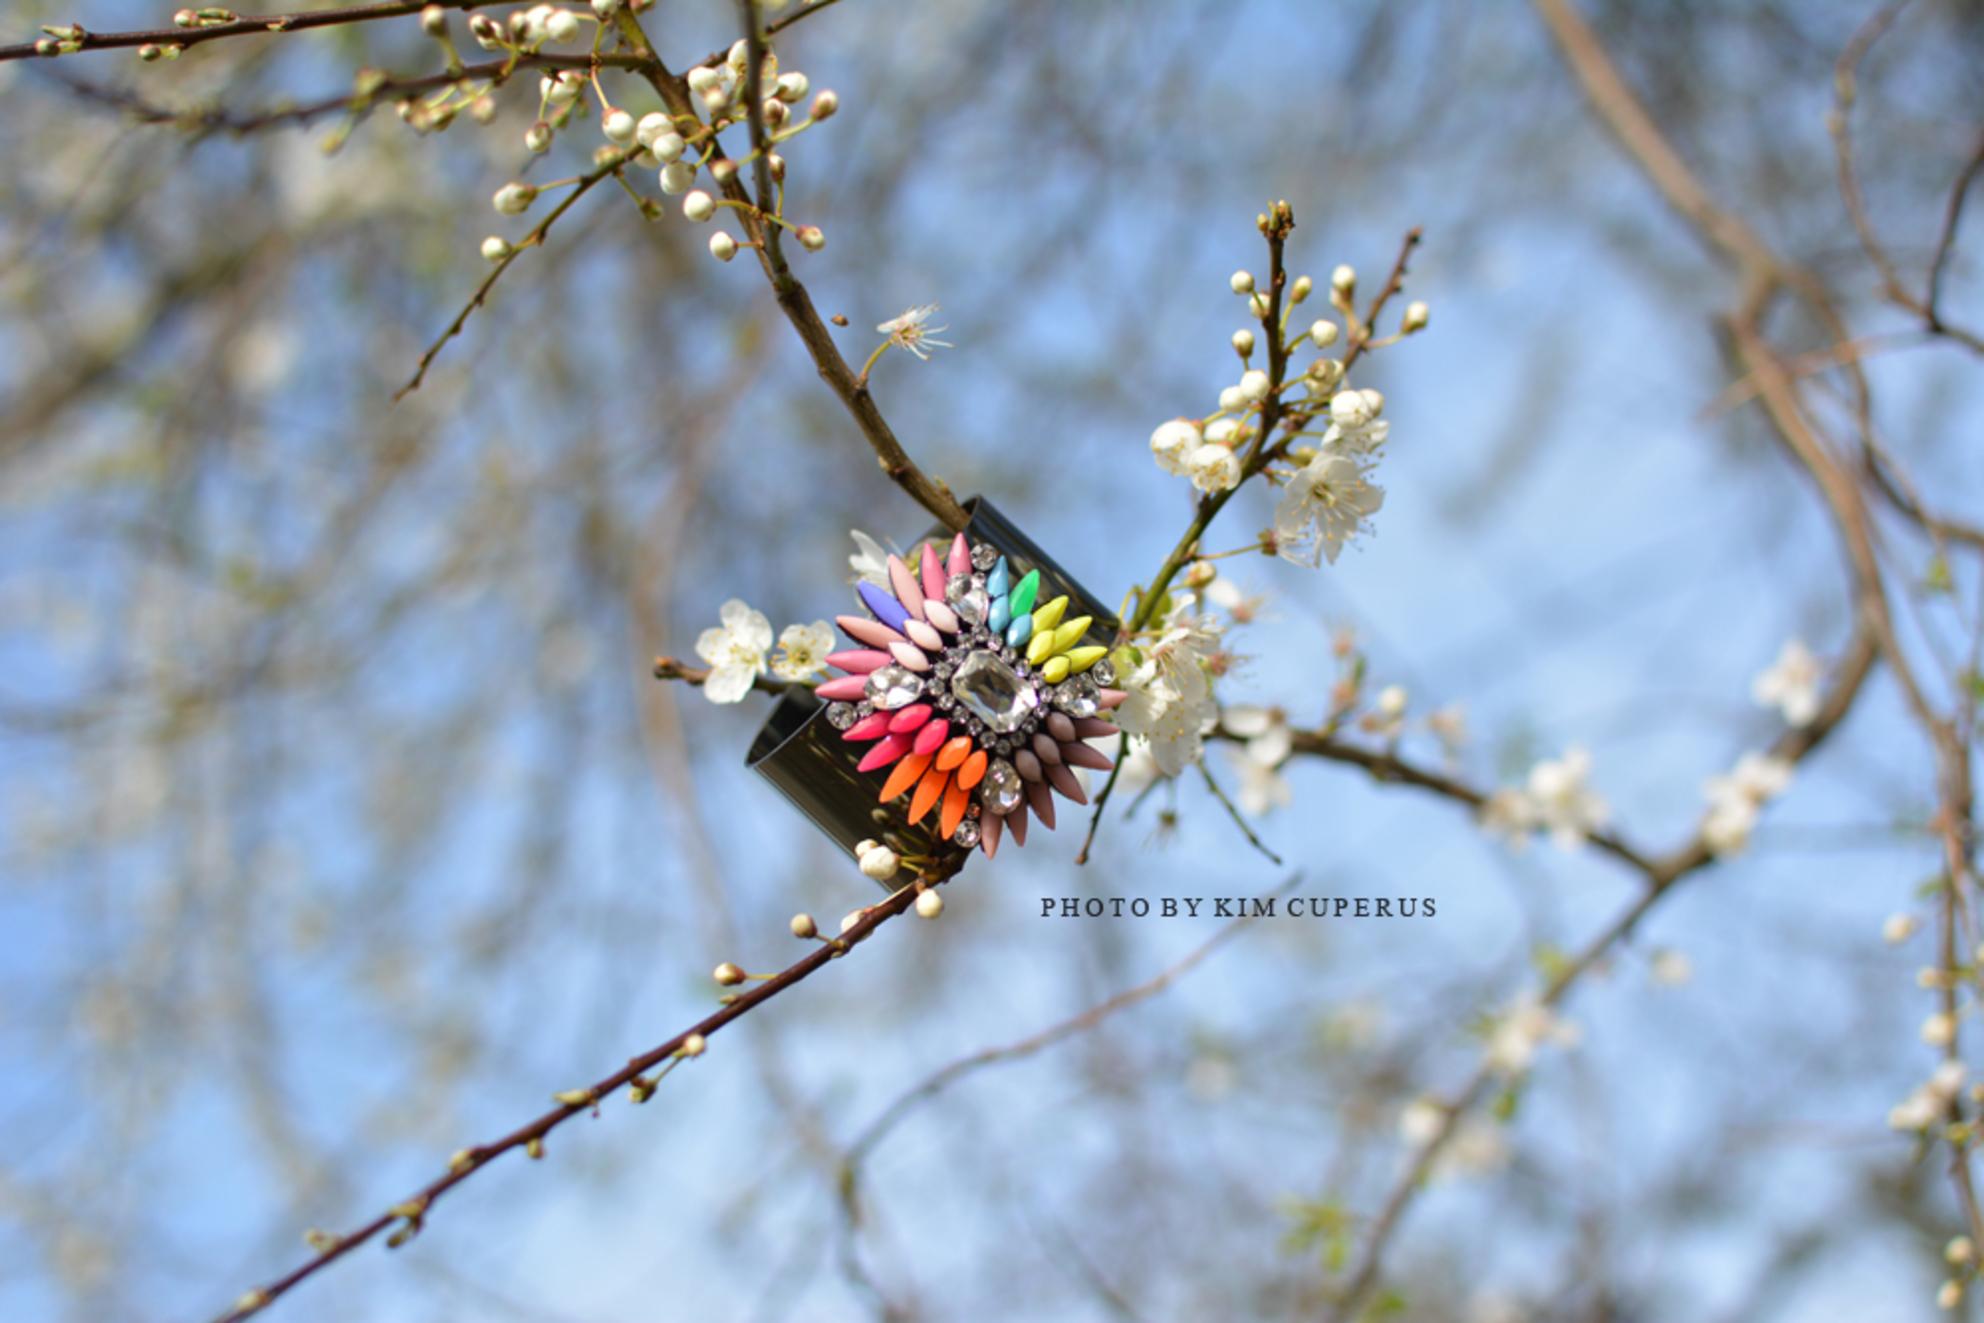 Regenboog - - - foto door Kimmiey op 08-07-2014 - deze foto bevat: boom, bloem, lente, licht, zomer, voorjaar, bloesem - Deze foto mag gebruikt worden in een Zoom.nl publicatie